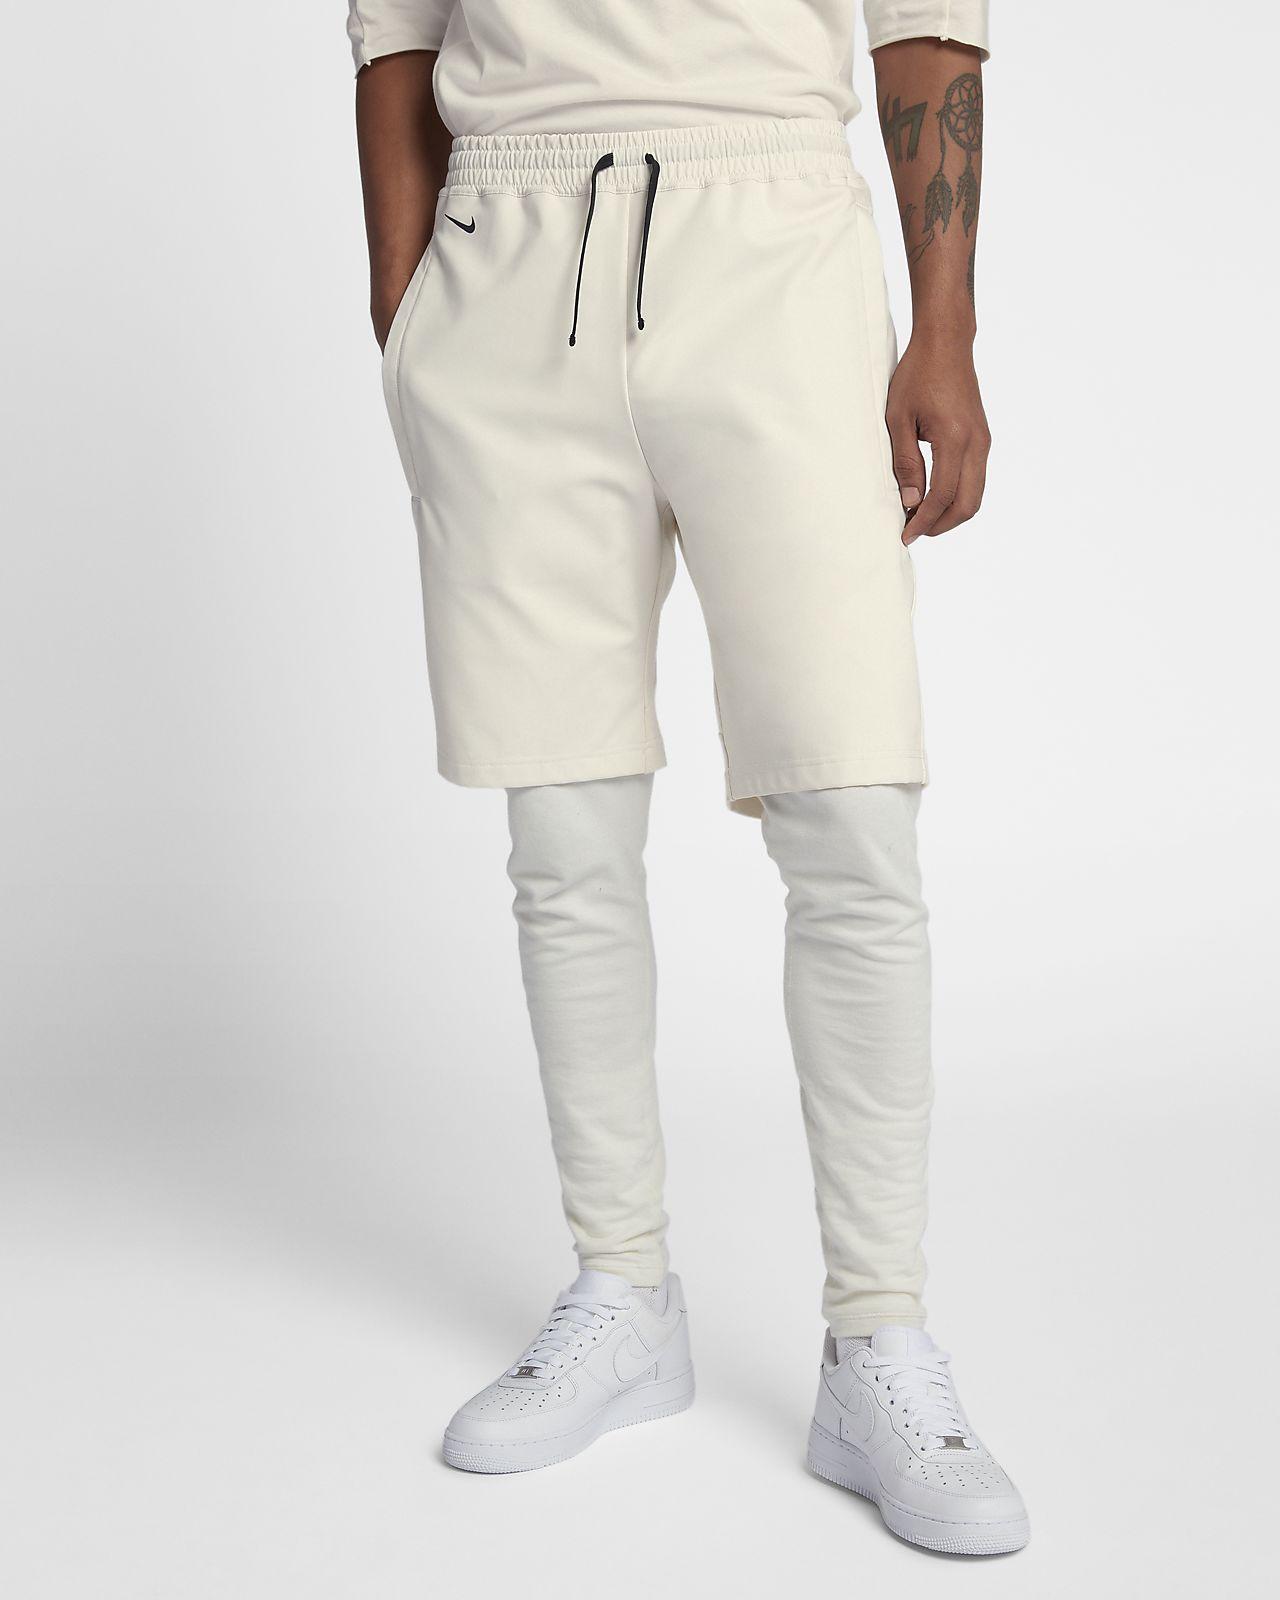 NikeLab AAE 2.0 男子短裤